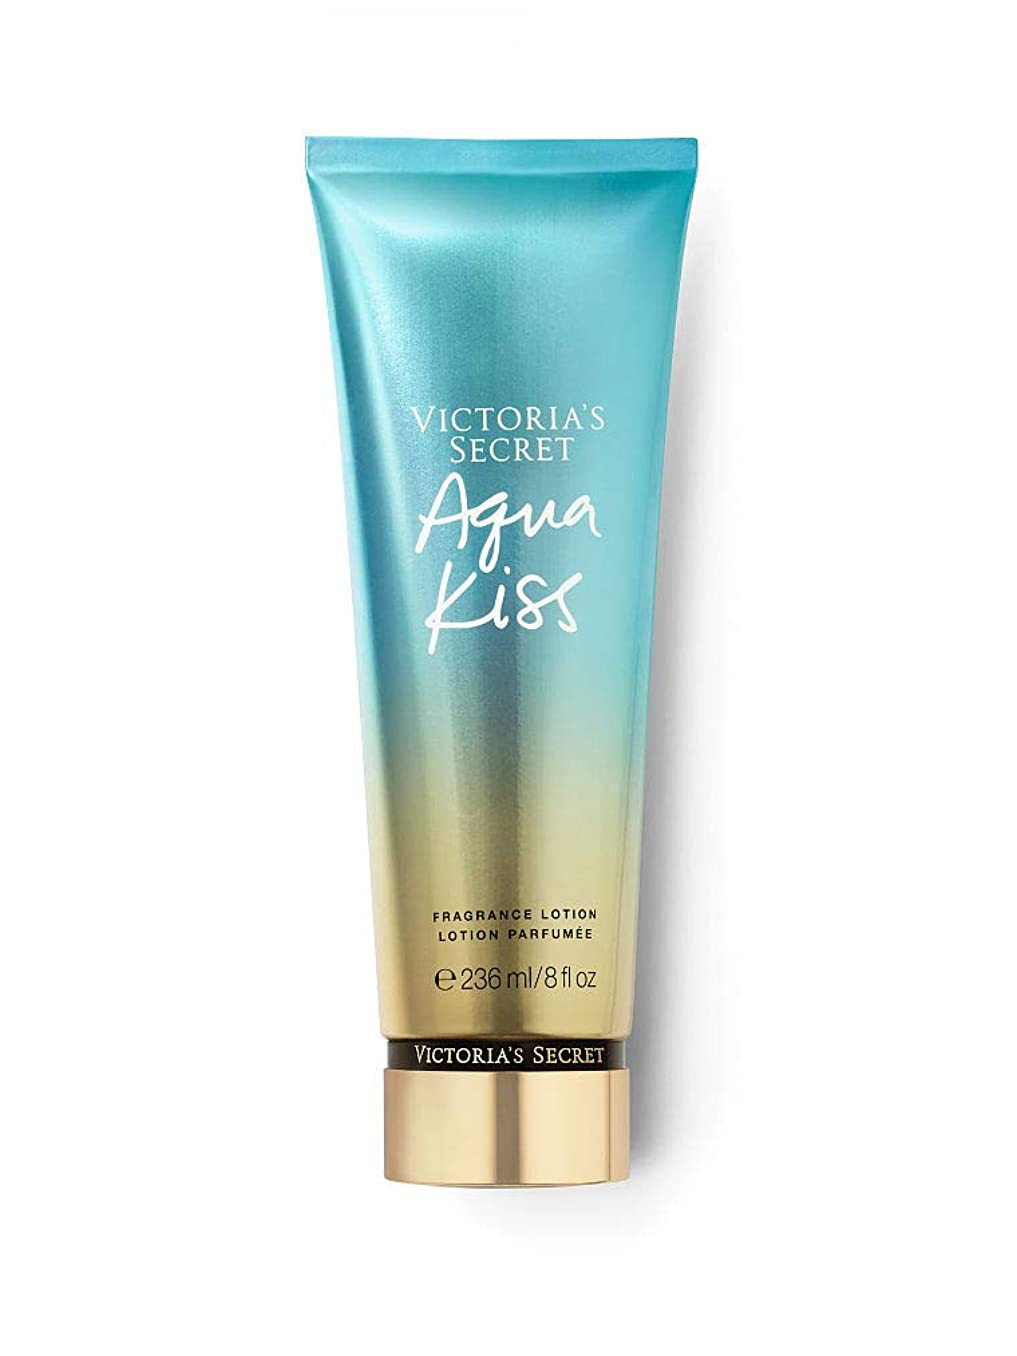 収縮剃る留め金アクアキス フレグランスローション ( 96F-Aqua Kiss ) VICTORIA'S SECRET ヴィクトリアシークレット/ビクトリアシークレット [並行輸入品]